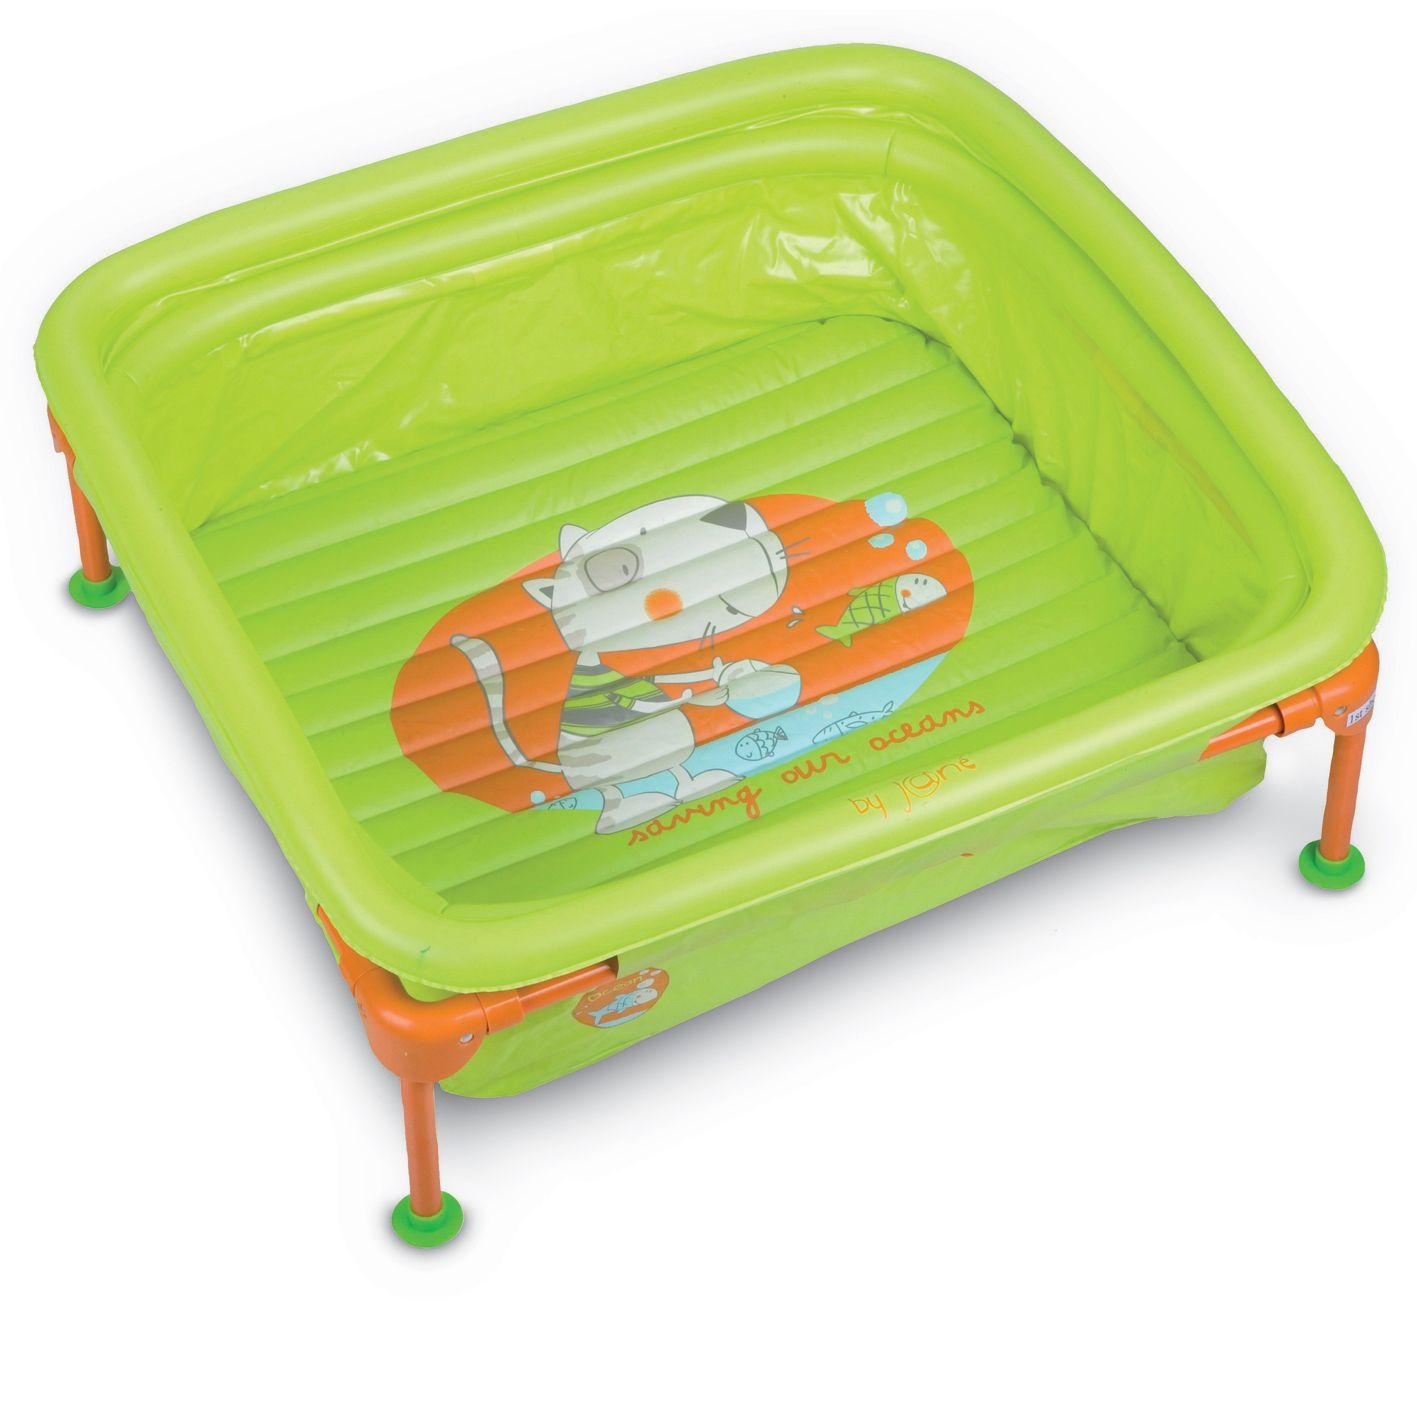 baignoire pliable pour b b de jan sdb pinterest. Black Bedroom Furniture Sets. Home Design Ideas